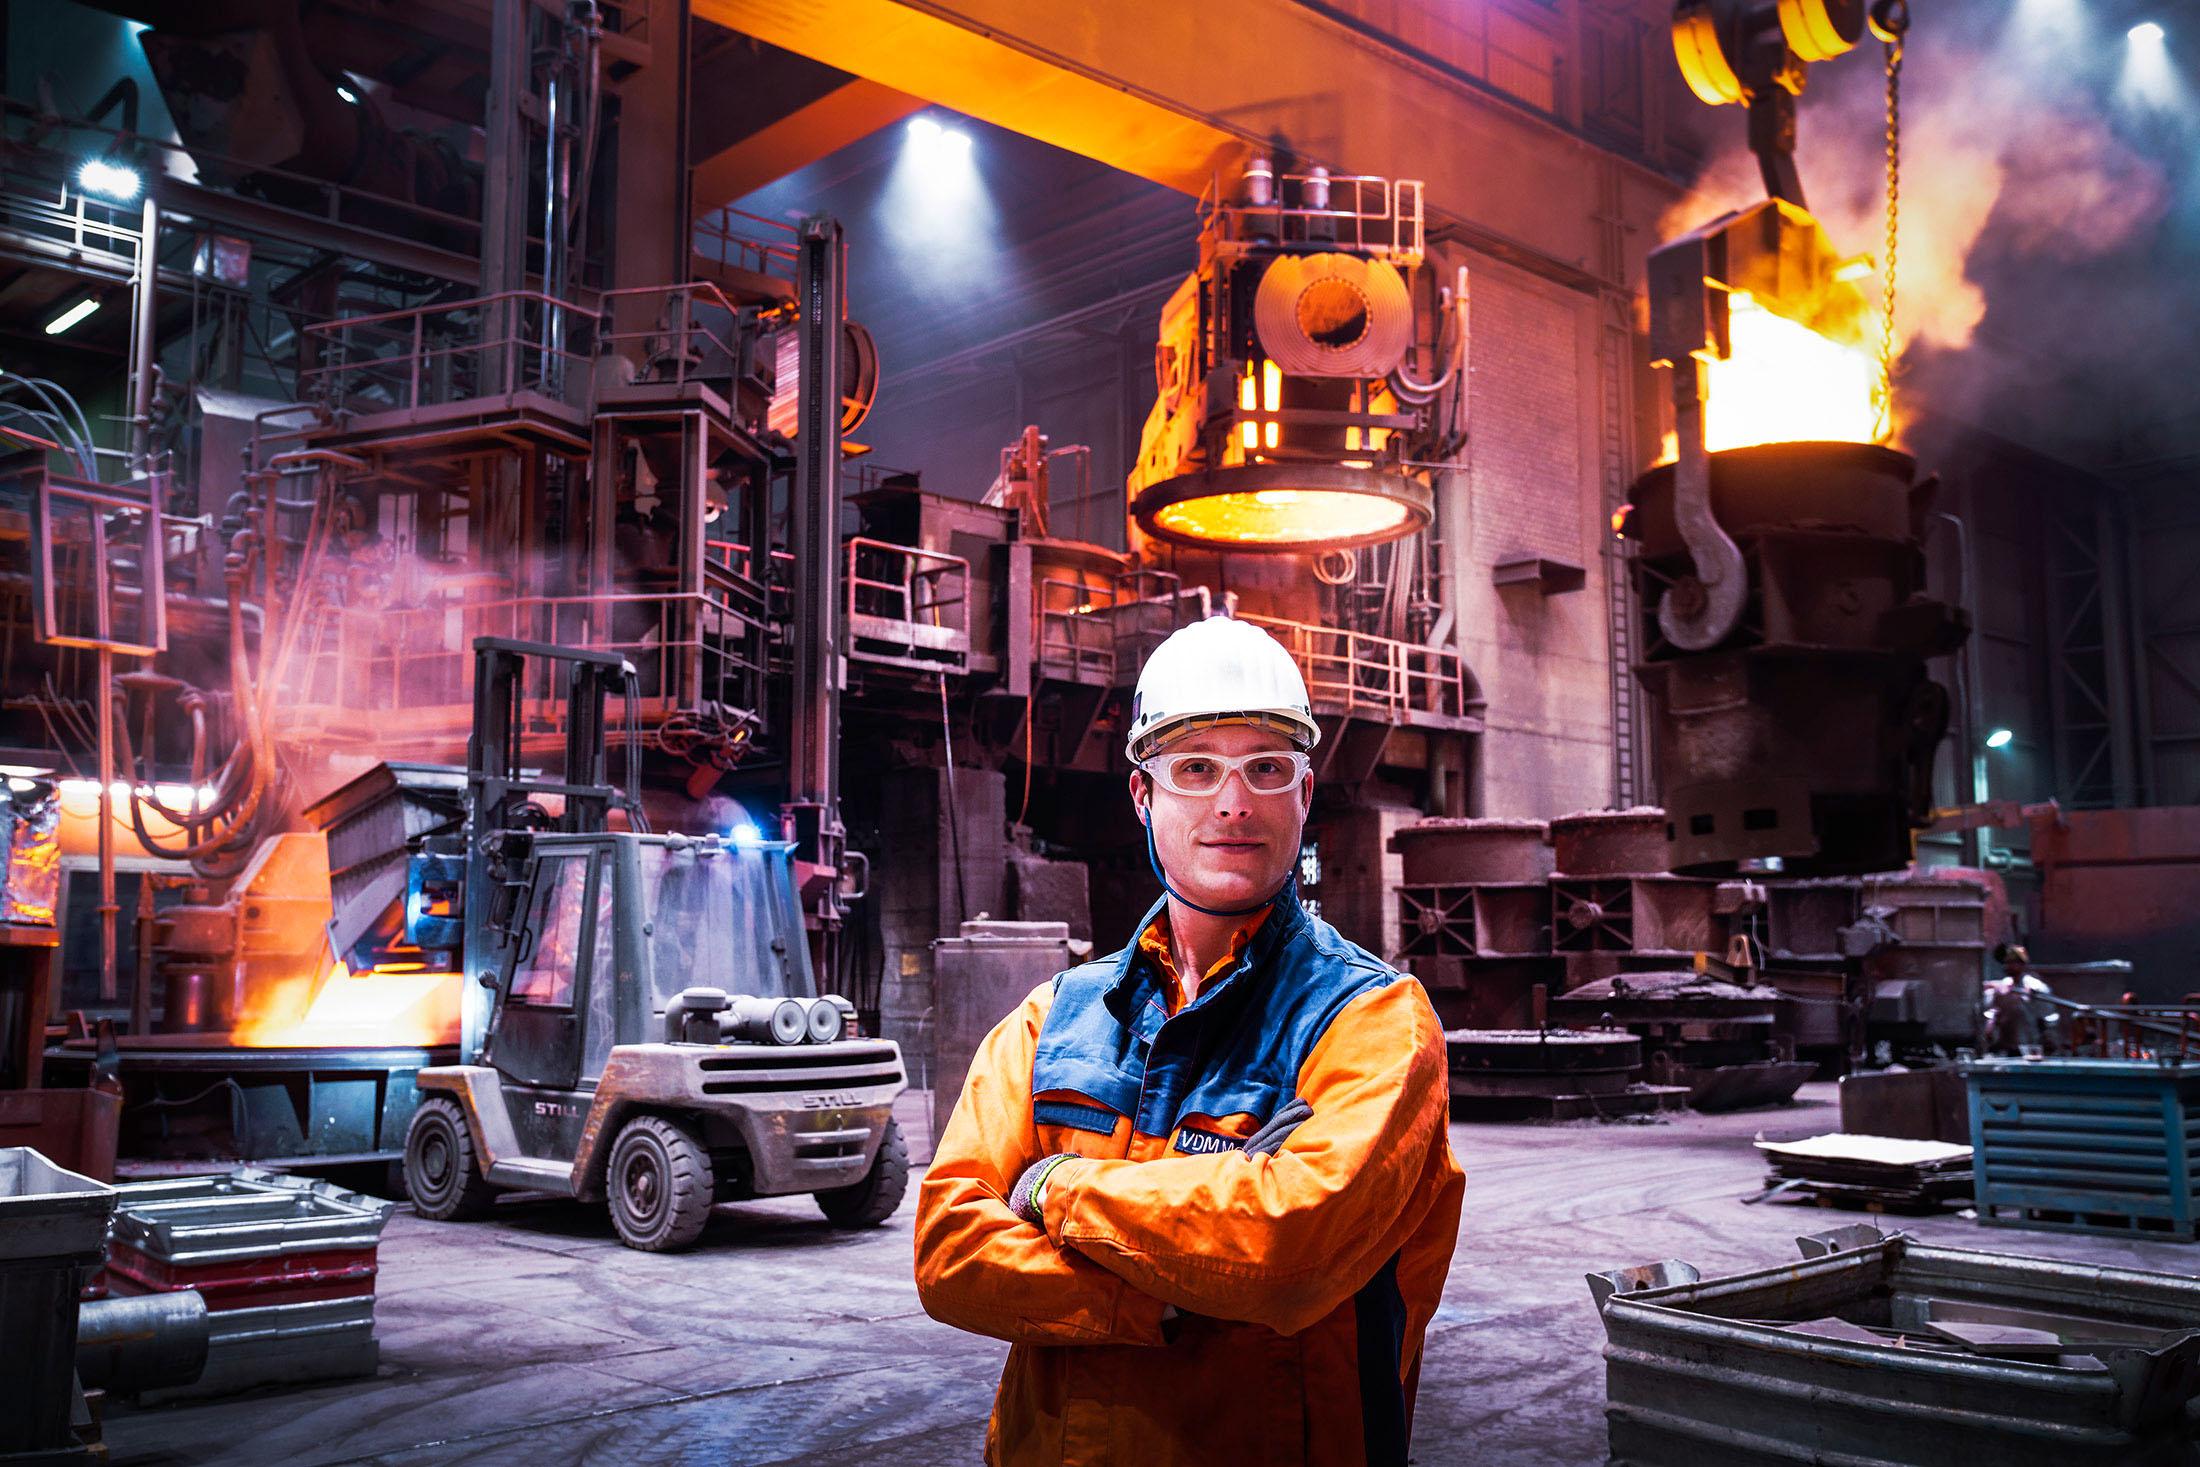 wolfram-schroll_industriefotografie_portrait_003